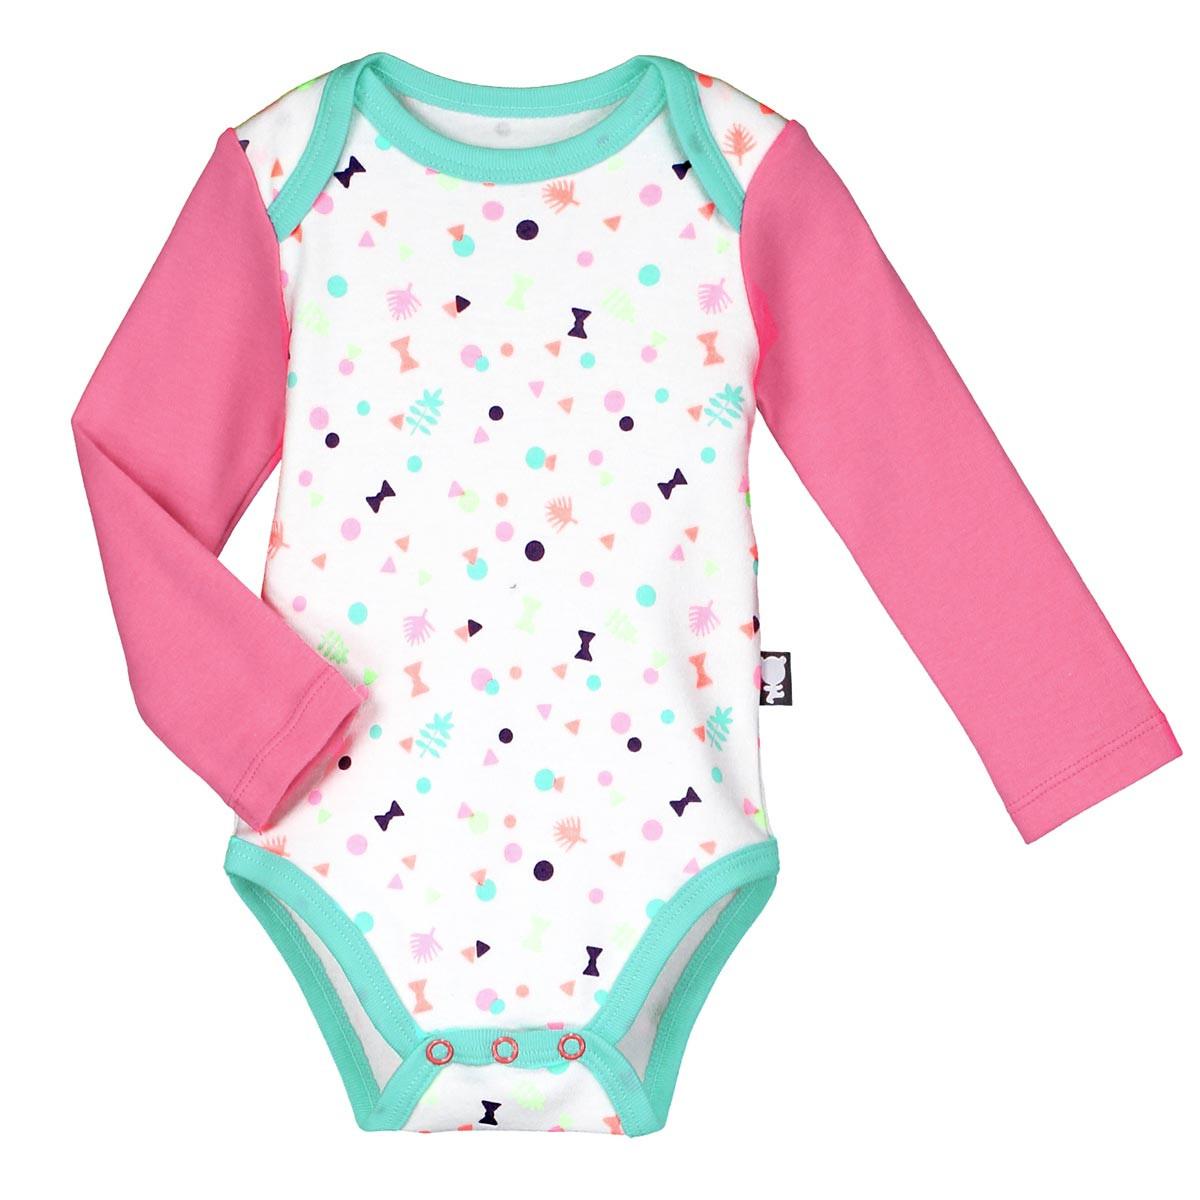 Lot de 2 bodies manches longues bébé fille Petite Troupe confettis